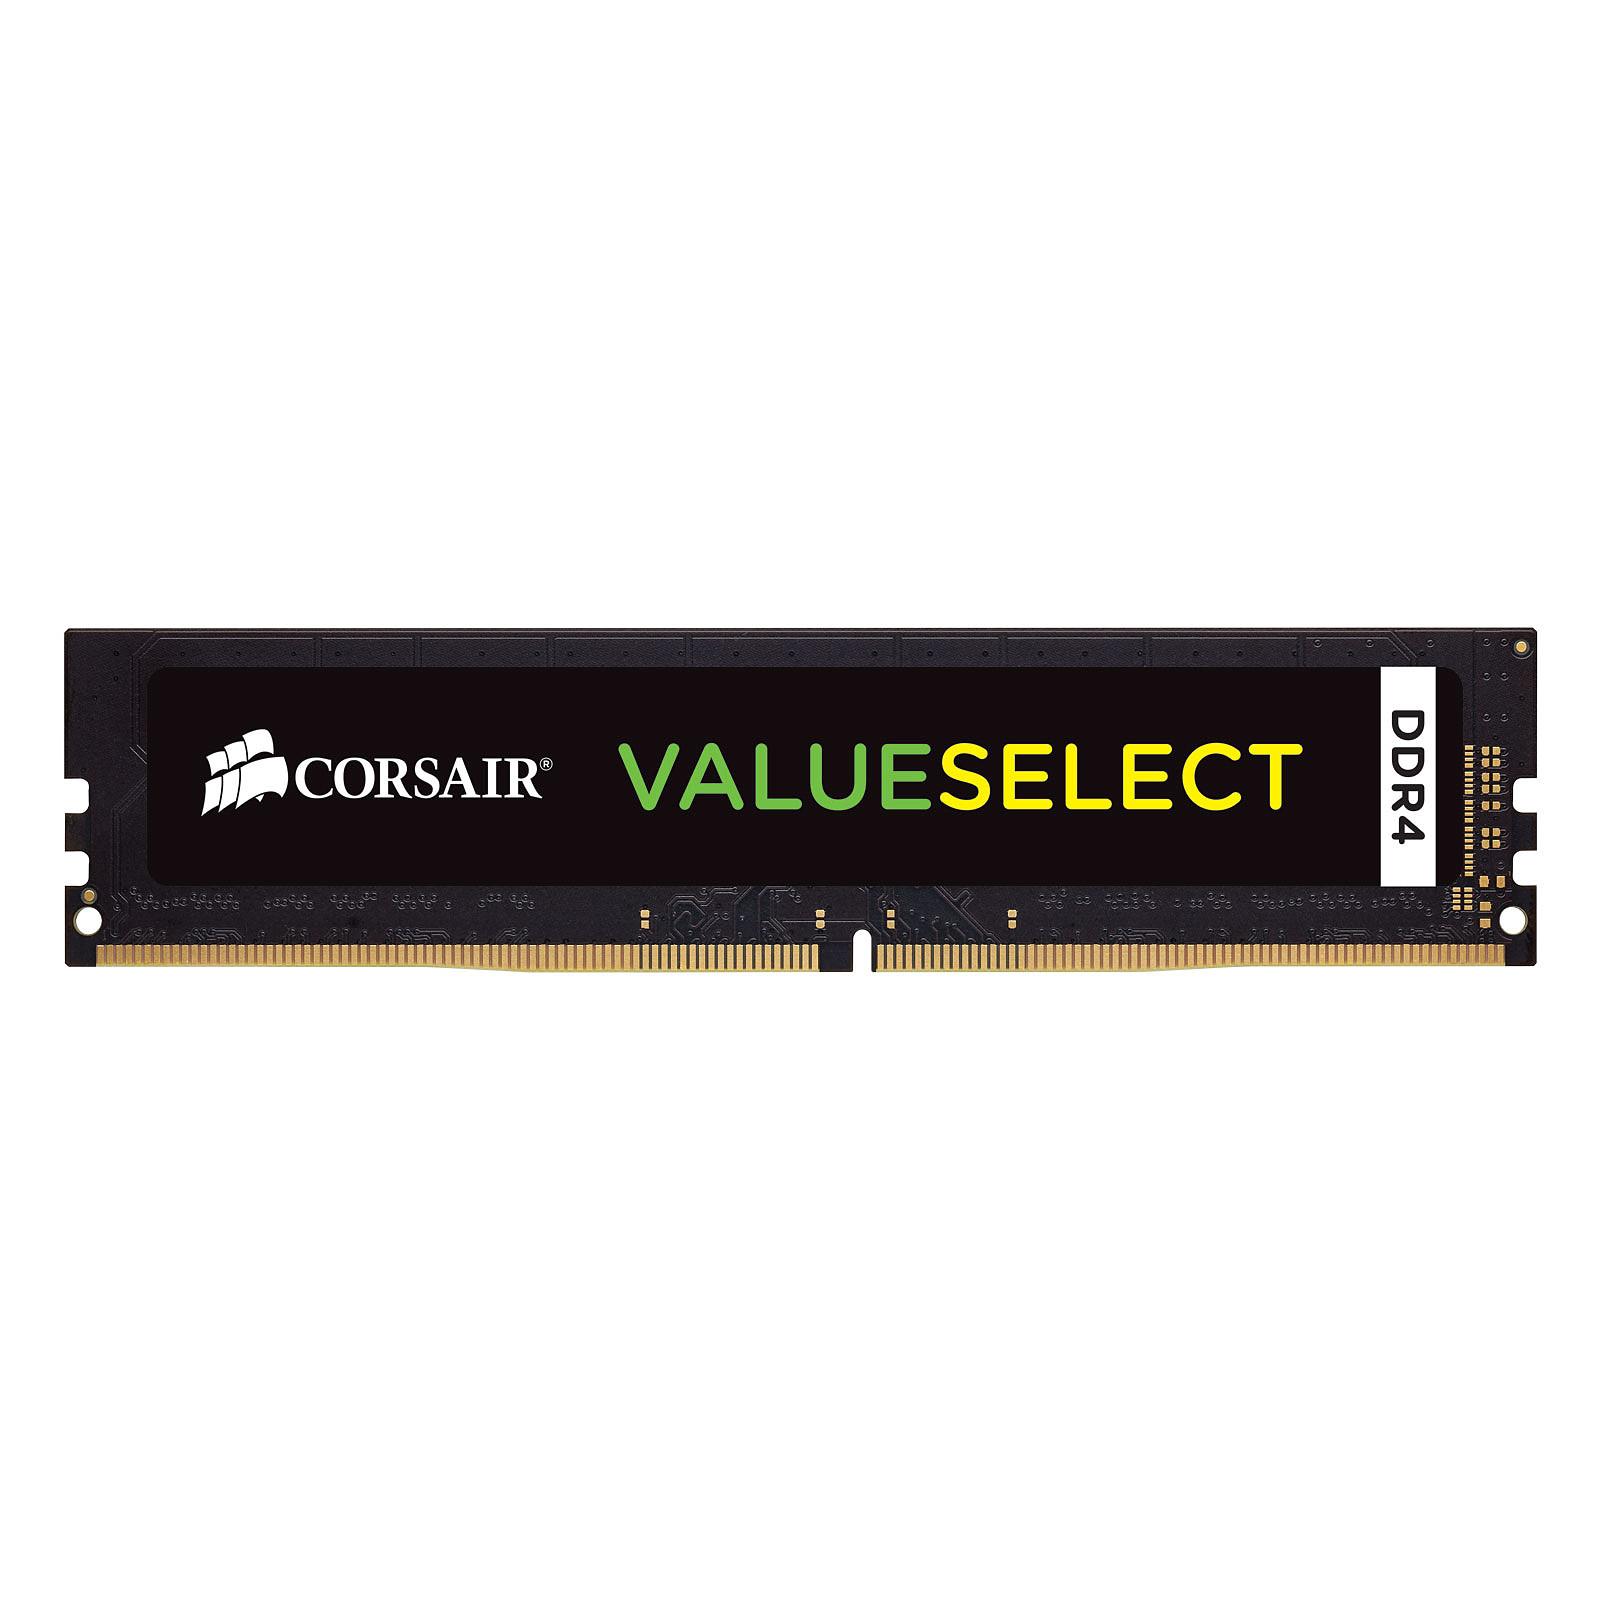 Corsair ValueSelect 16 Go DDR4 2133 MHz CL15